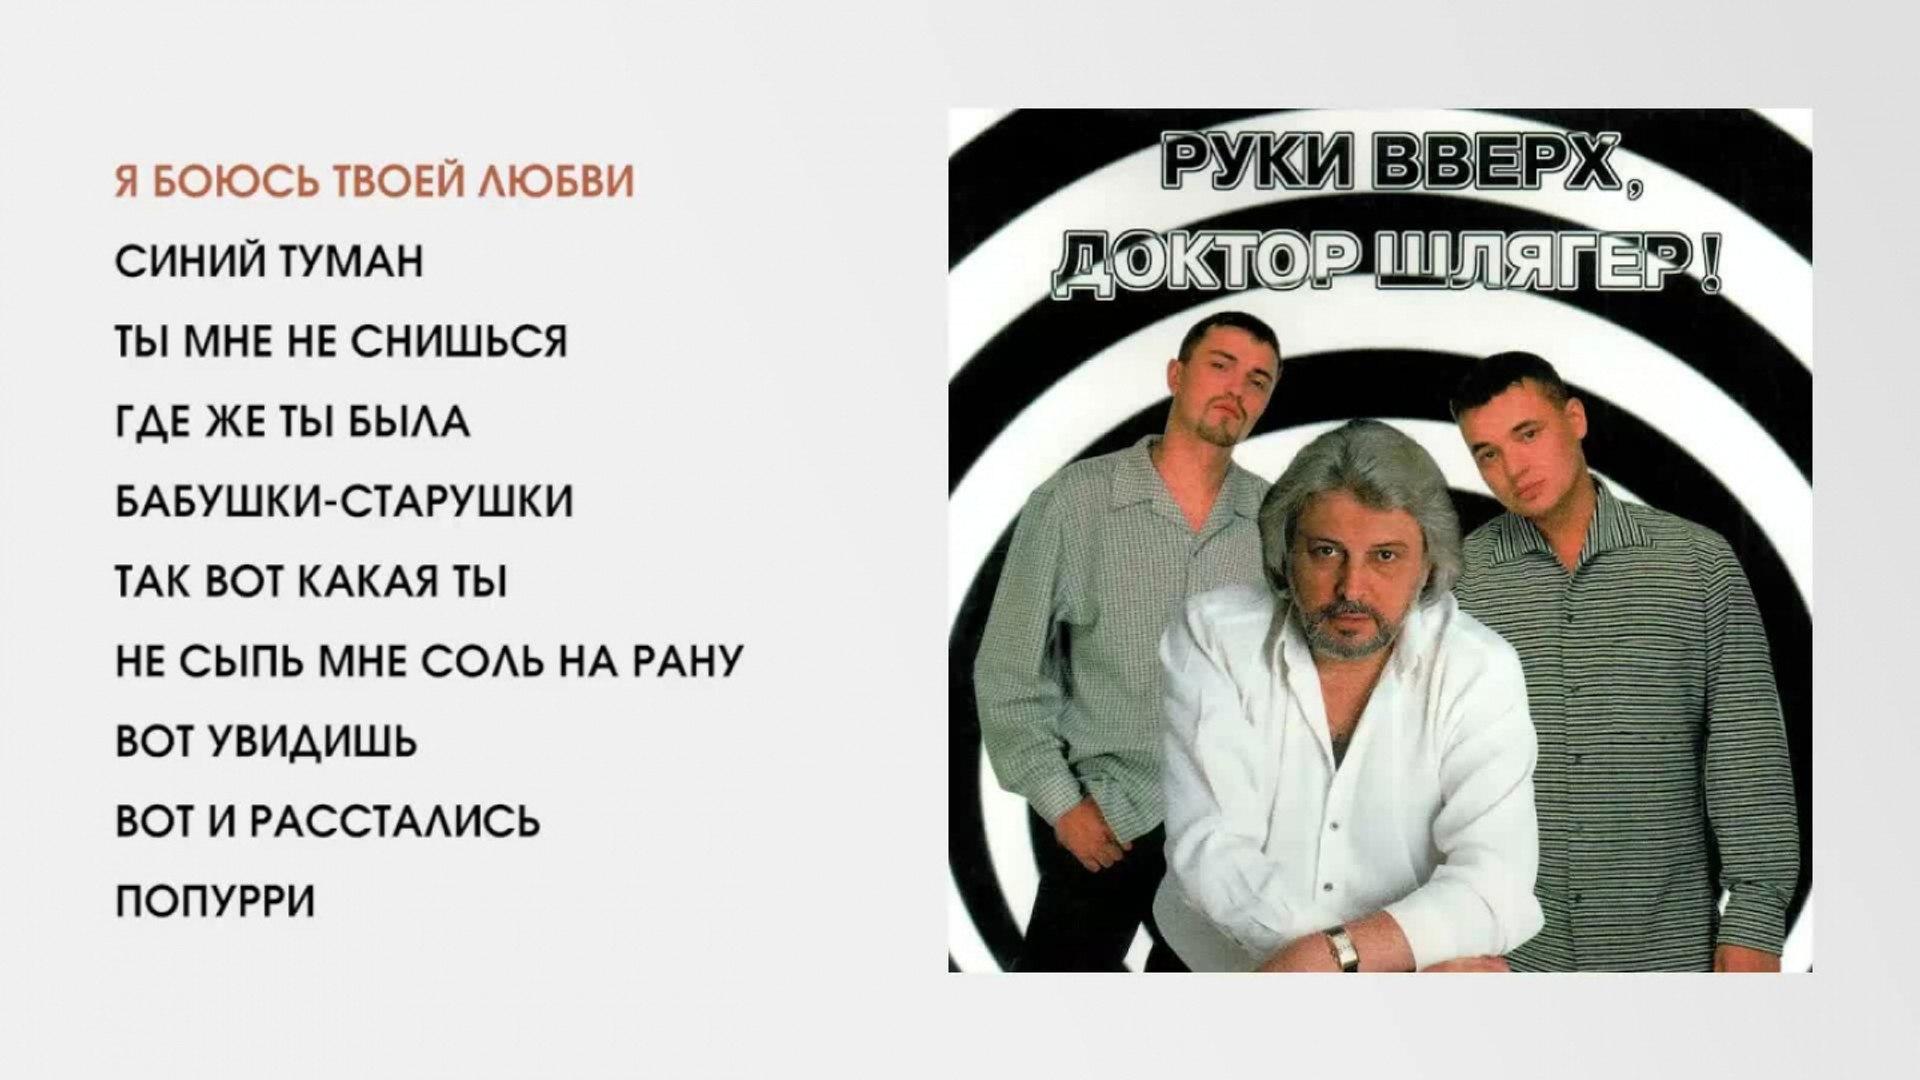 Руки Вверх!, Вячеслав Добрынин - Доктор Шлягер (official audio album)